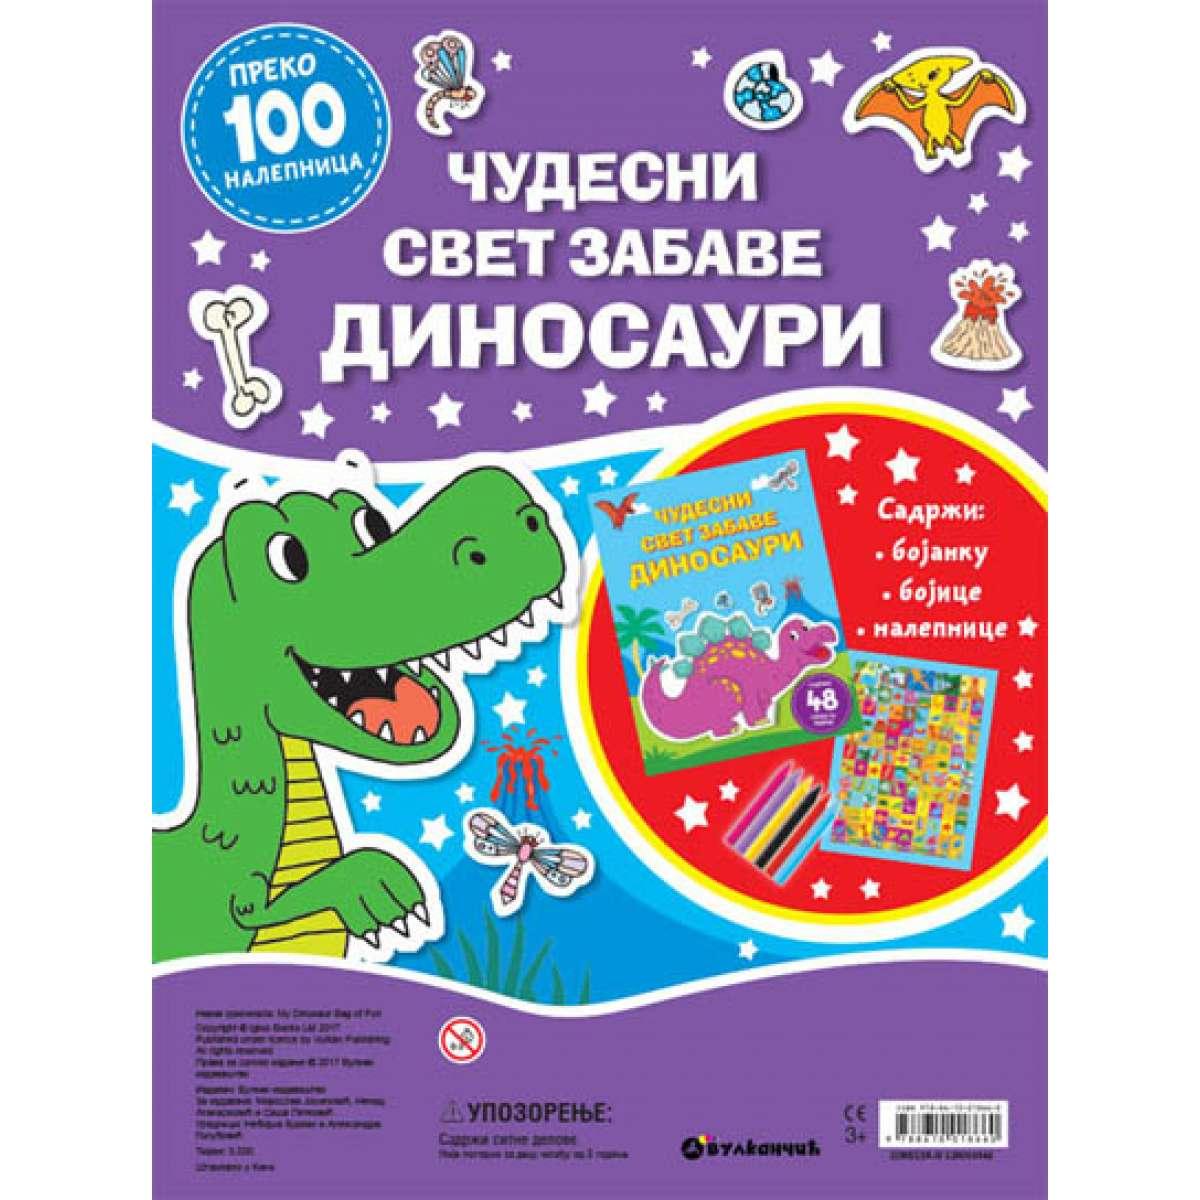 Čudesni svet zabave: Dinosauri